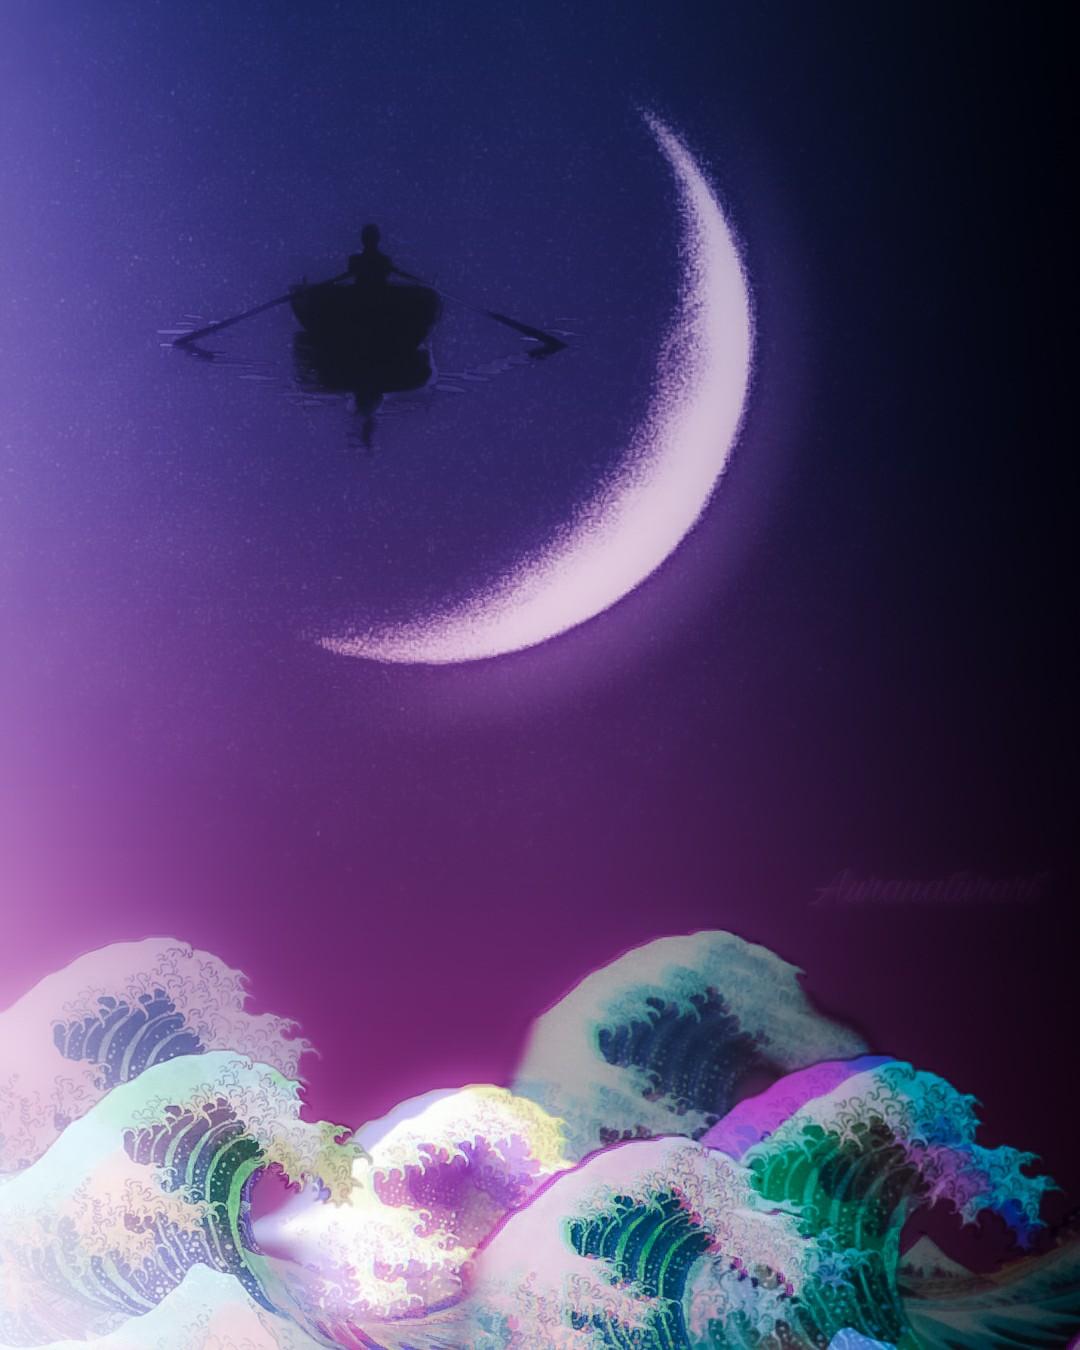 SOLSTiCi ☆ mar i cel